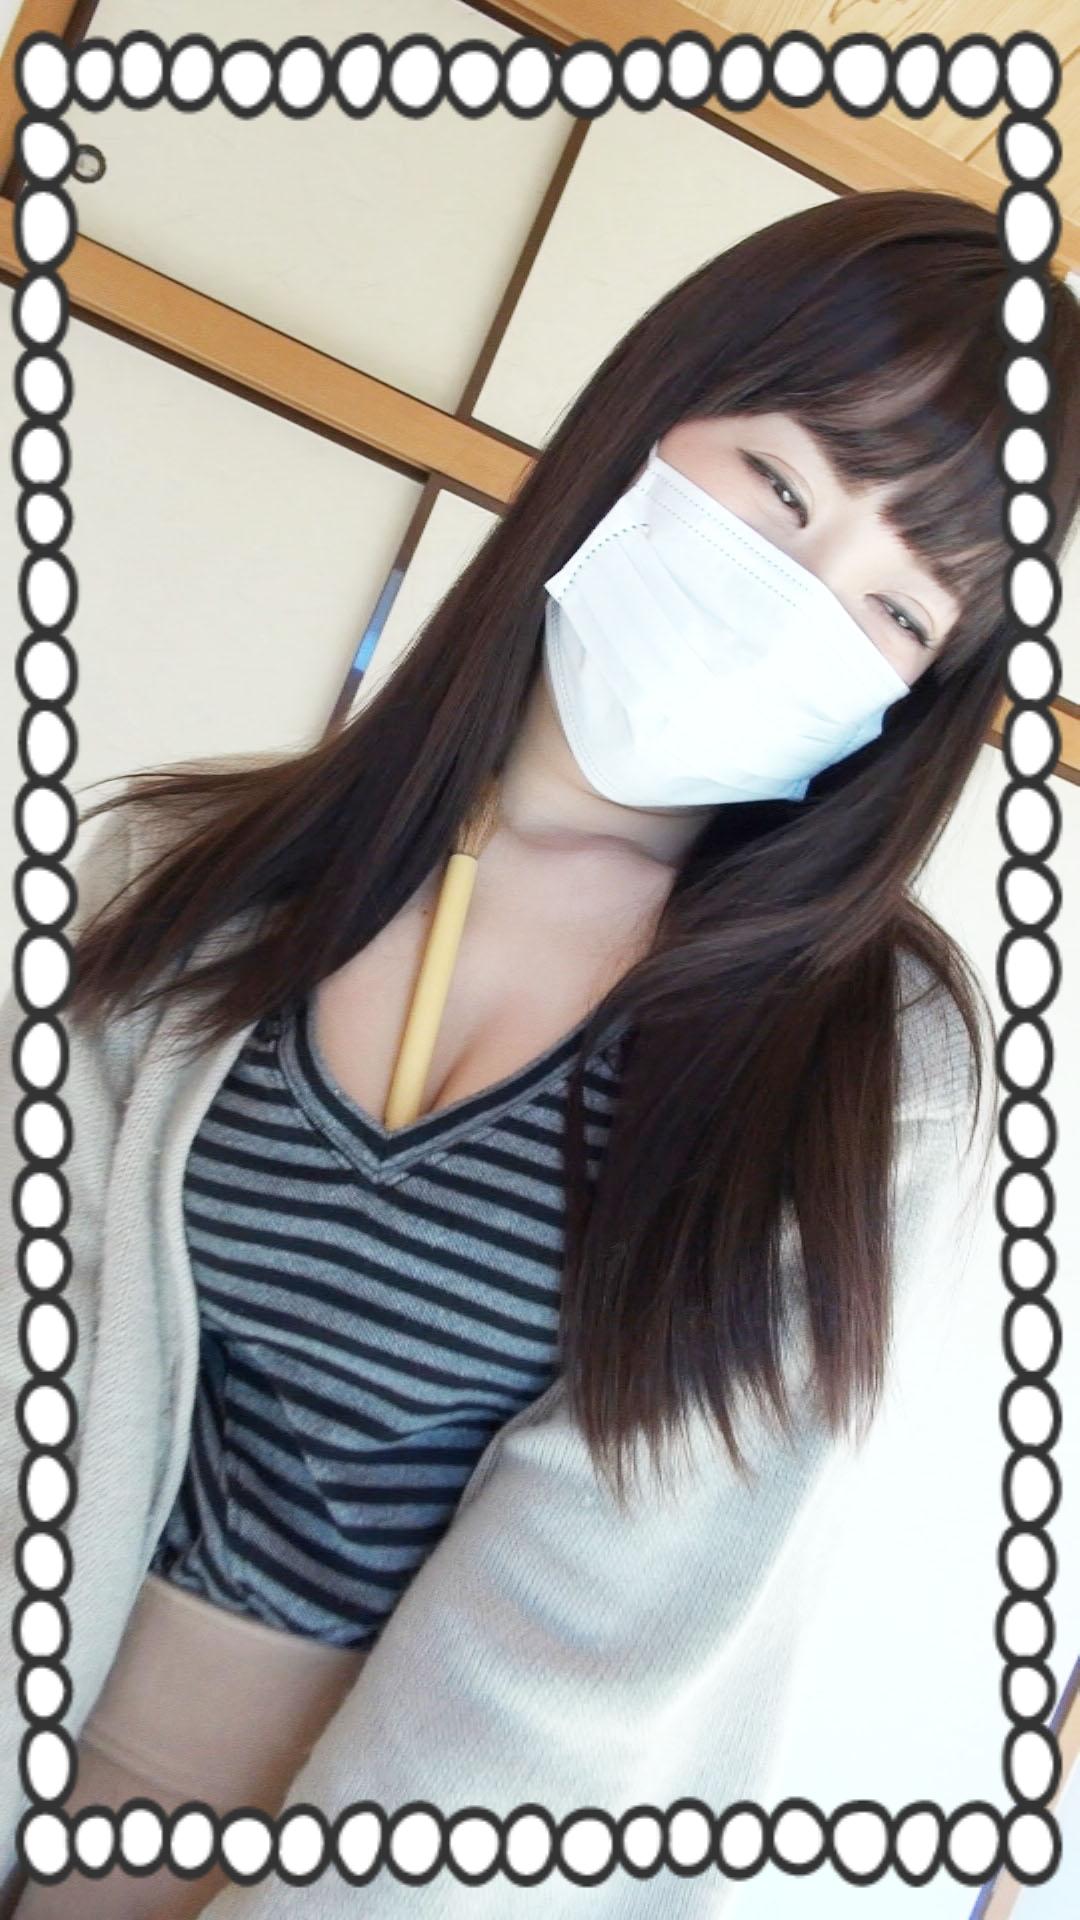 ¥で交w顔出しNG・マスクで隠した美形娘。薄毛マ〇コに生中〇し